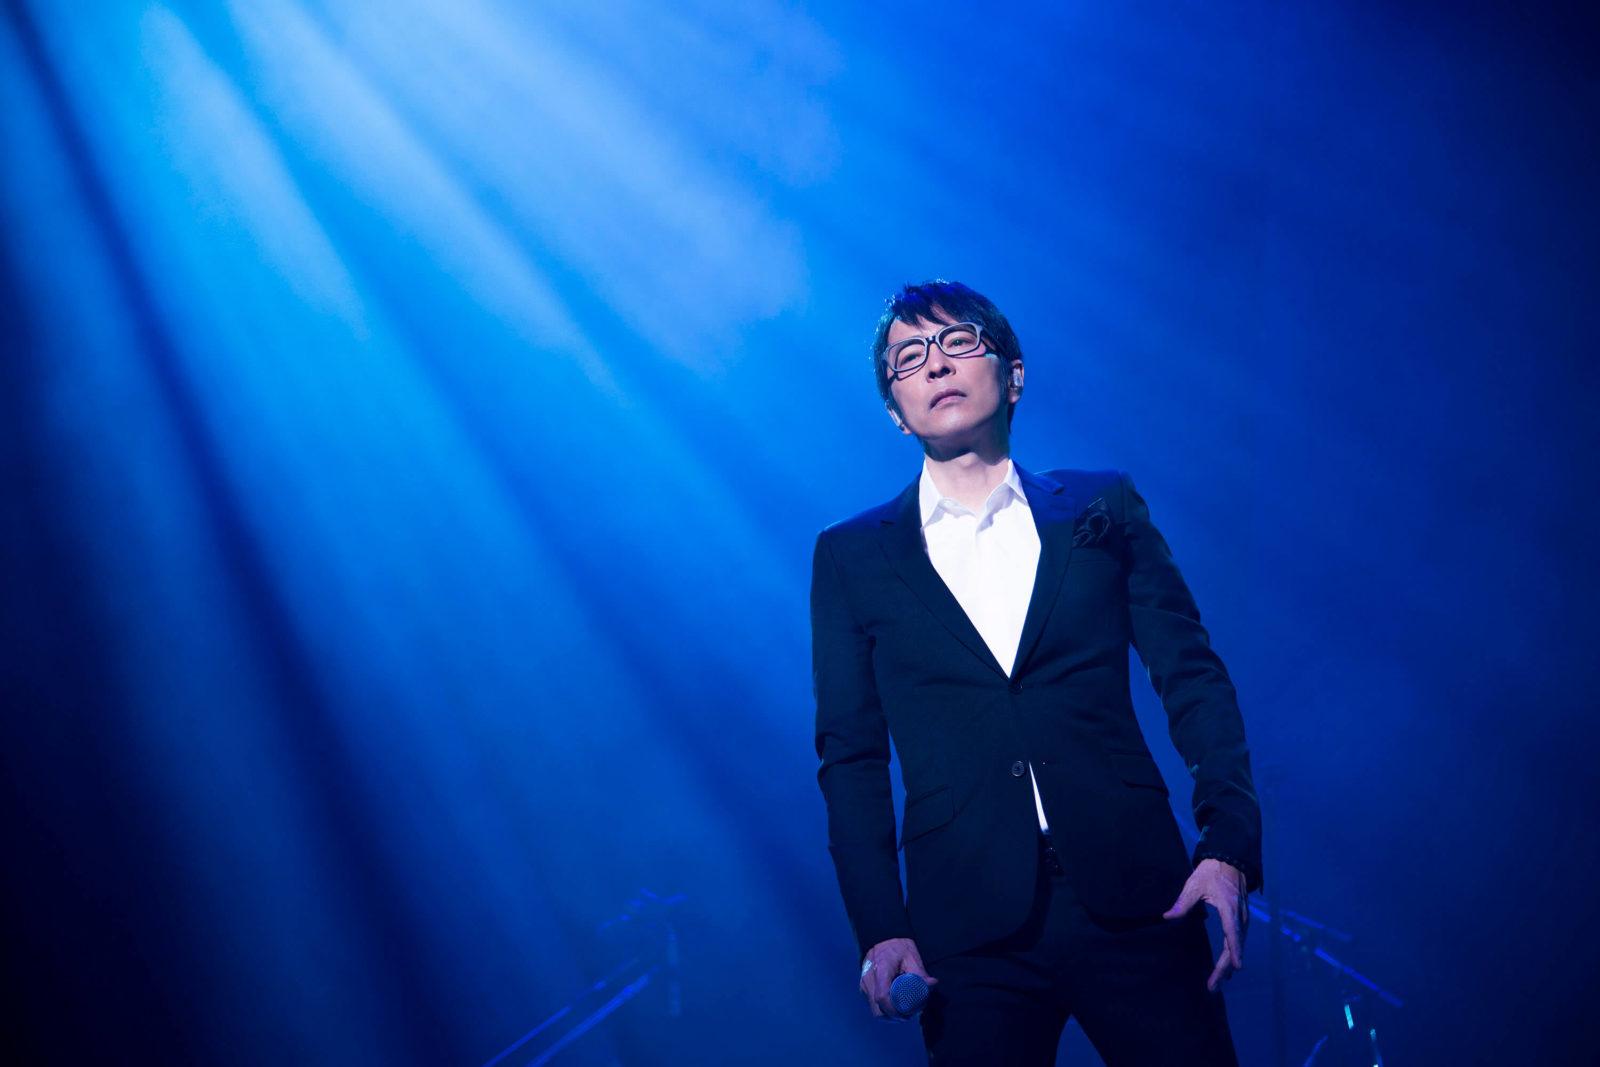 徳永英明、デビューから90年代前半のヒット曲を中心に構成されたツアーの東京公演を放送